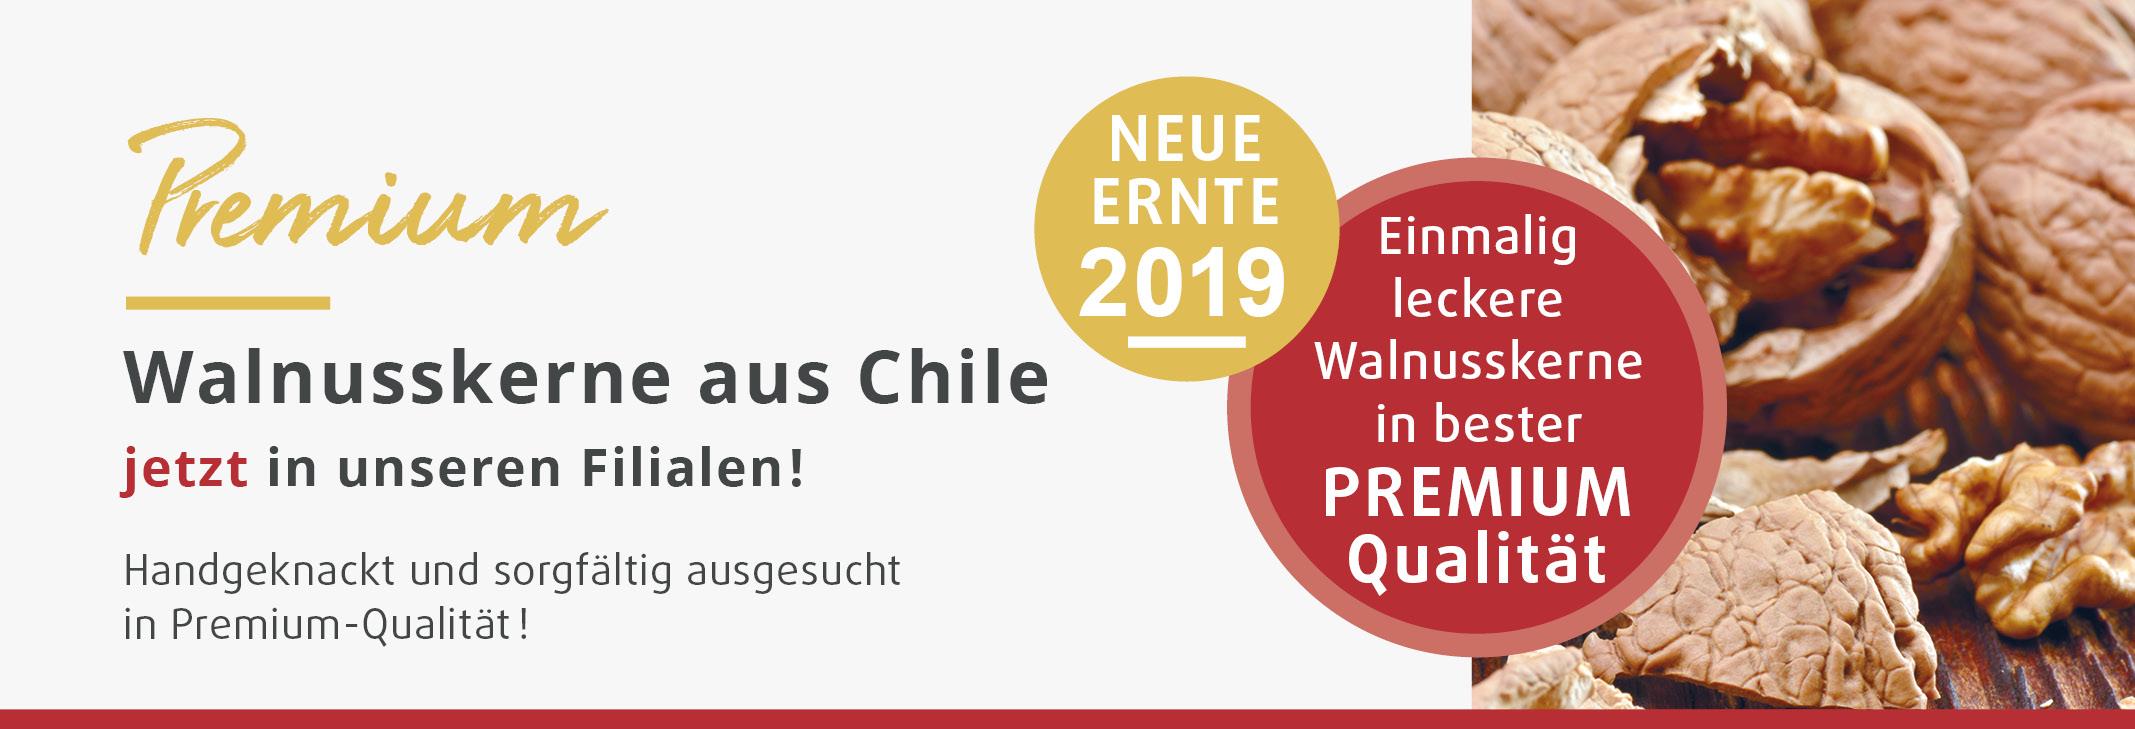 Walnusskerne aus Chile neue Ernte 2019 beim Reformhaus Demski